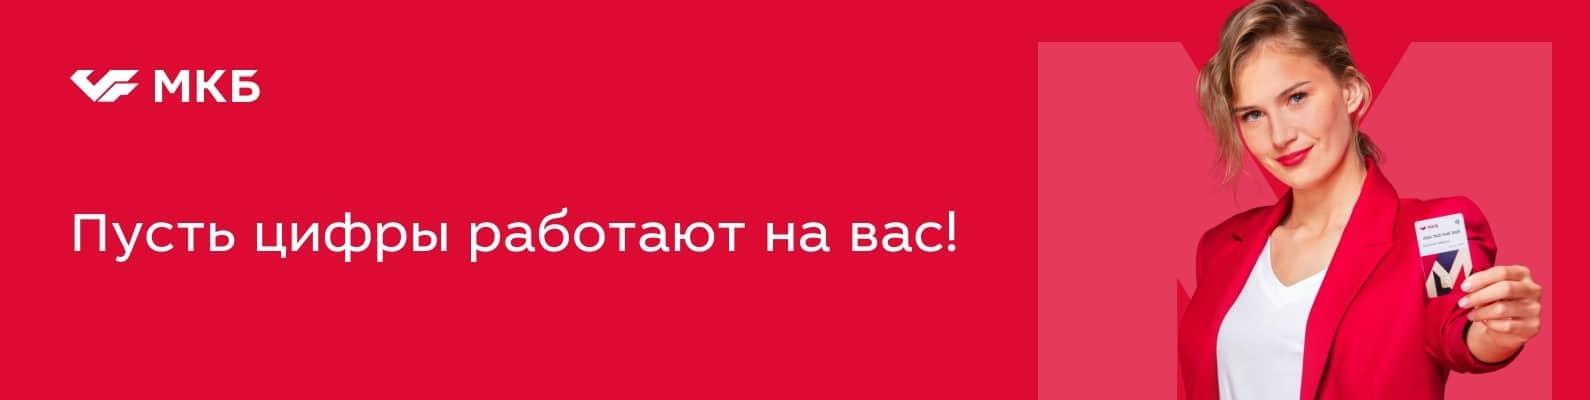 МКБ официальный логотип